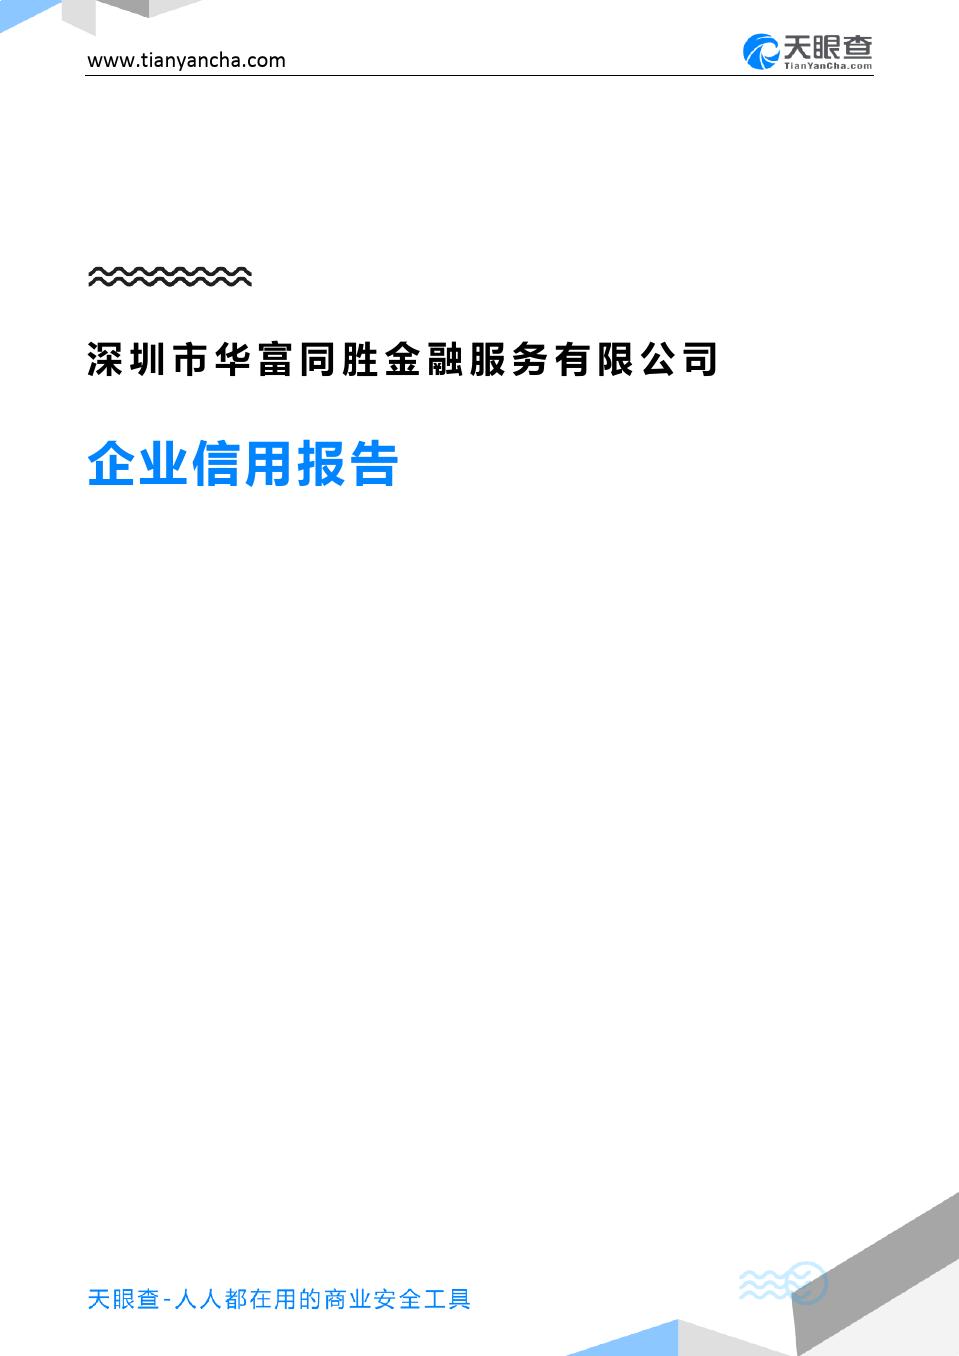 深圳市华富同胜金融服务有限公司企业信用报告-天眼查